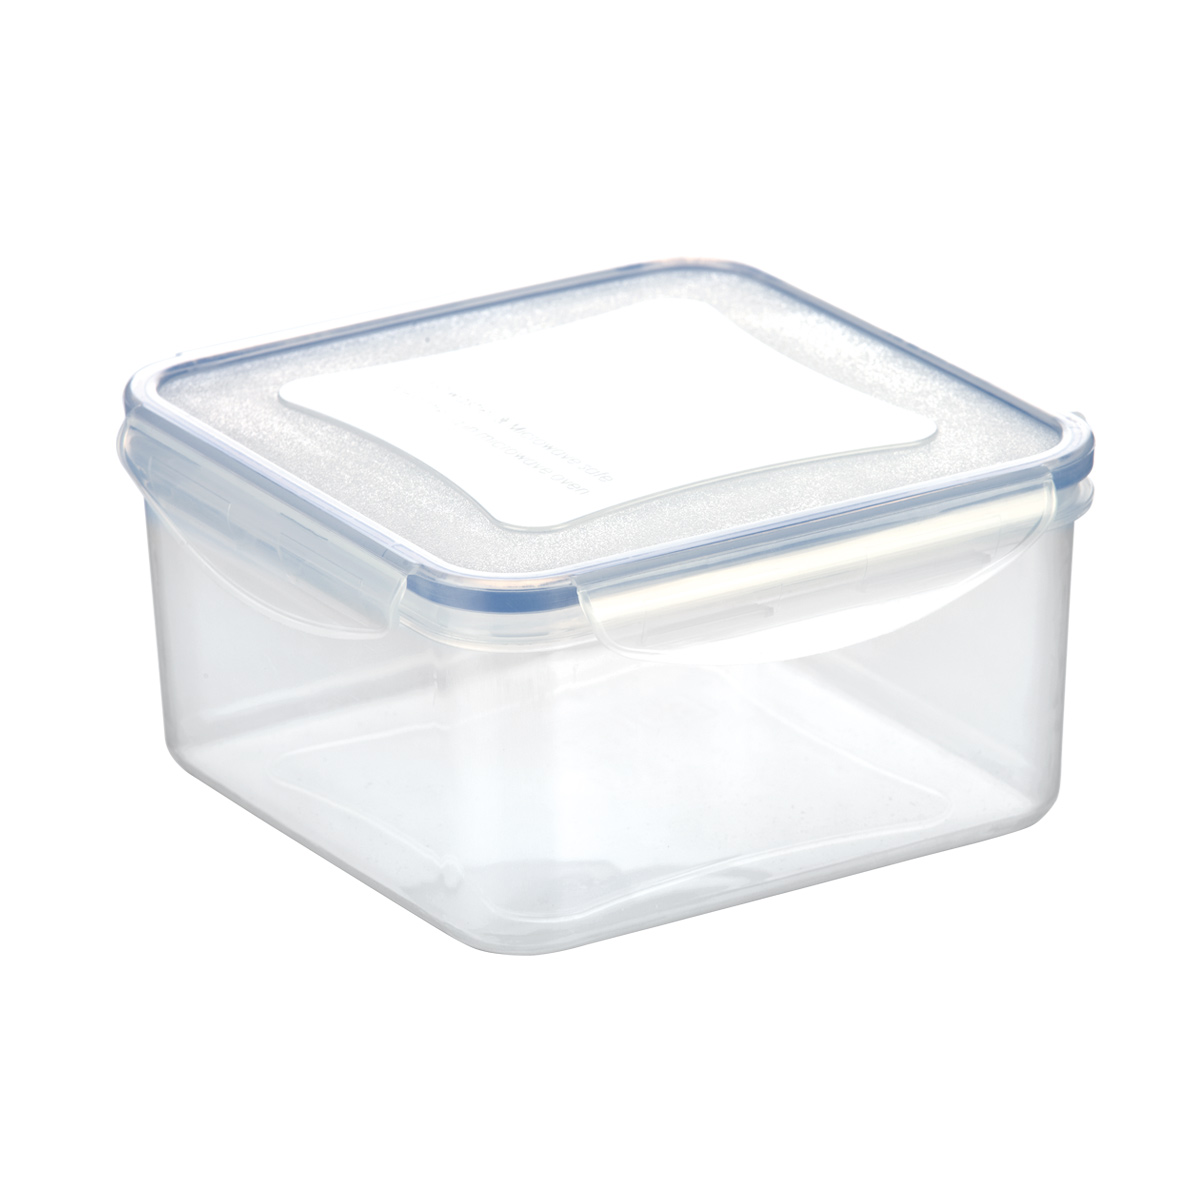 Dóza FRESHBOX 3.0 l, čtvercová